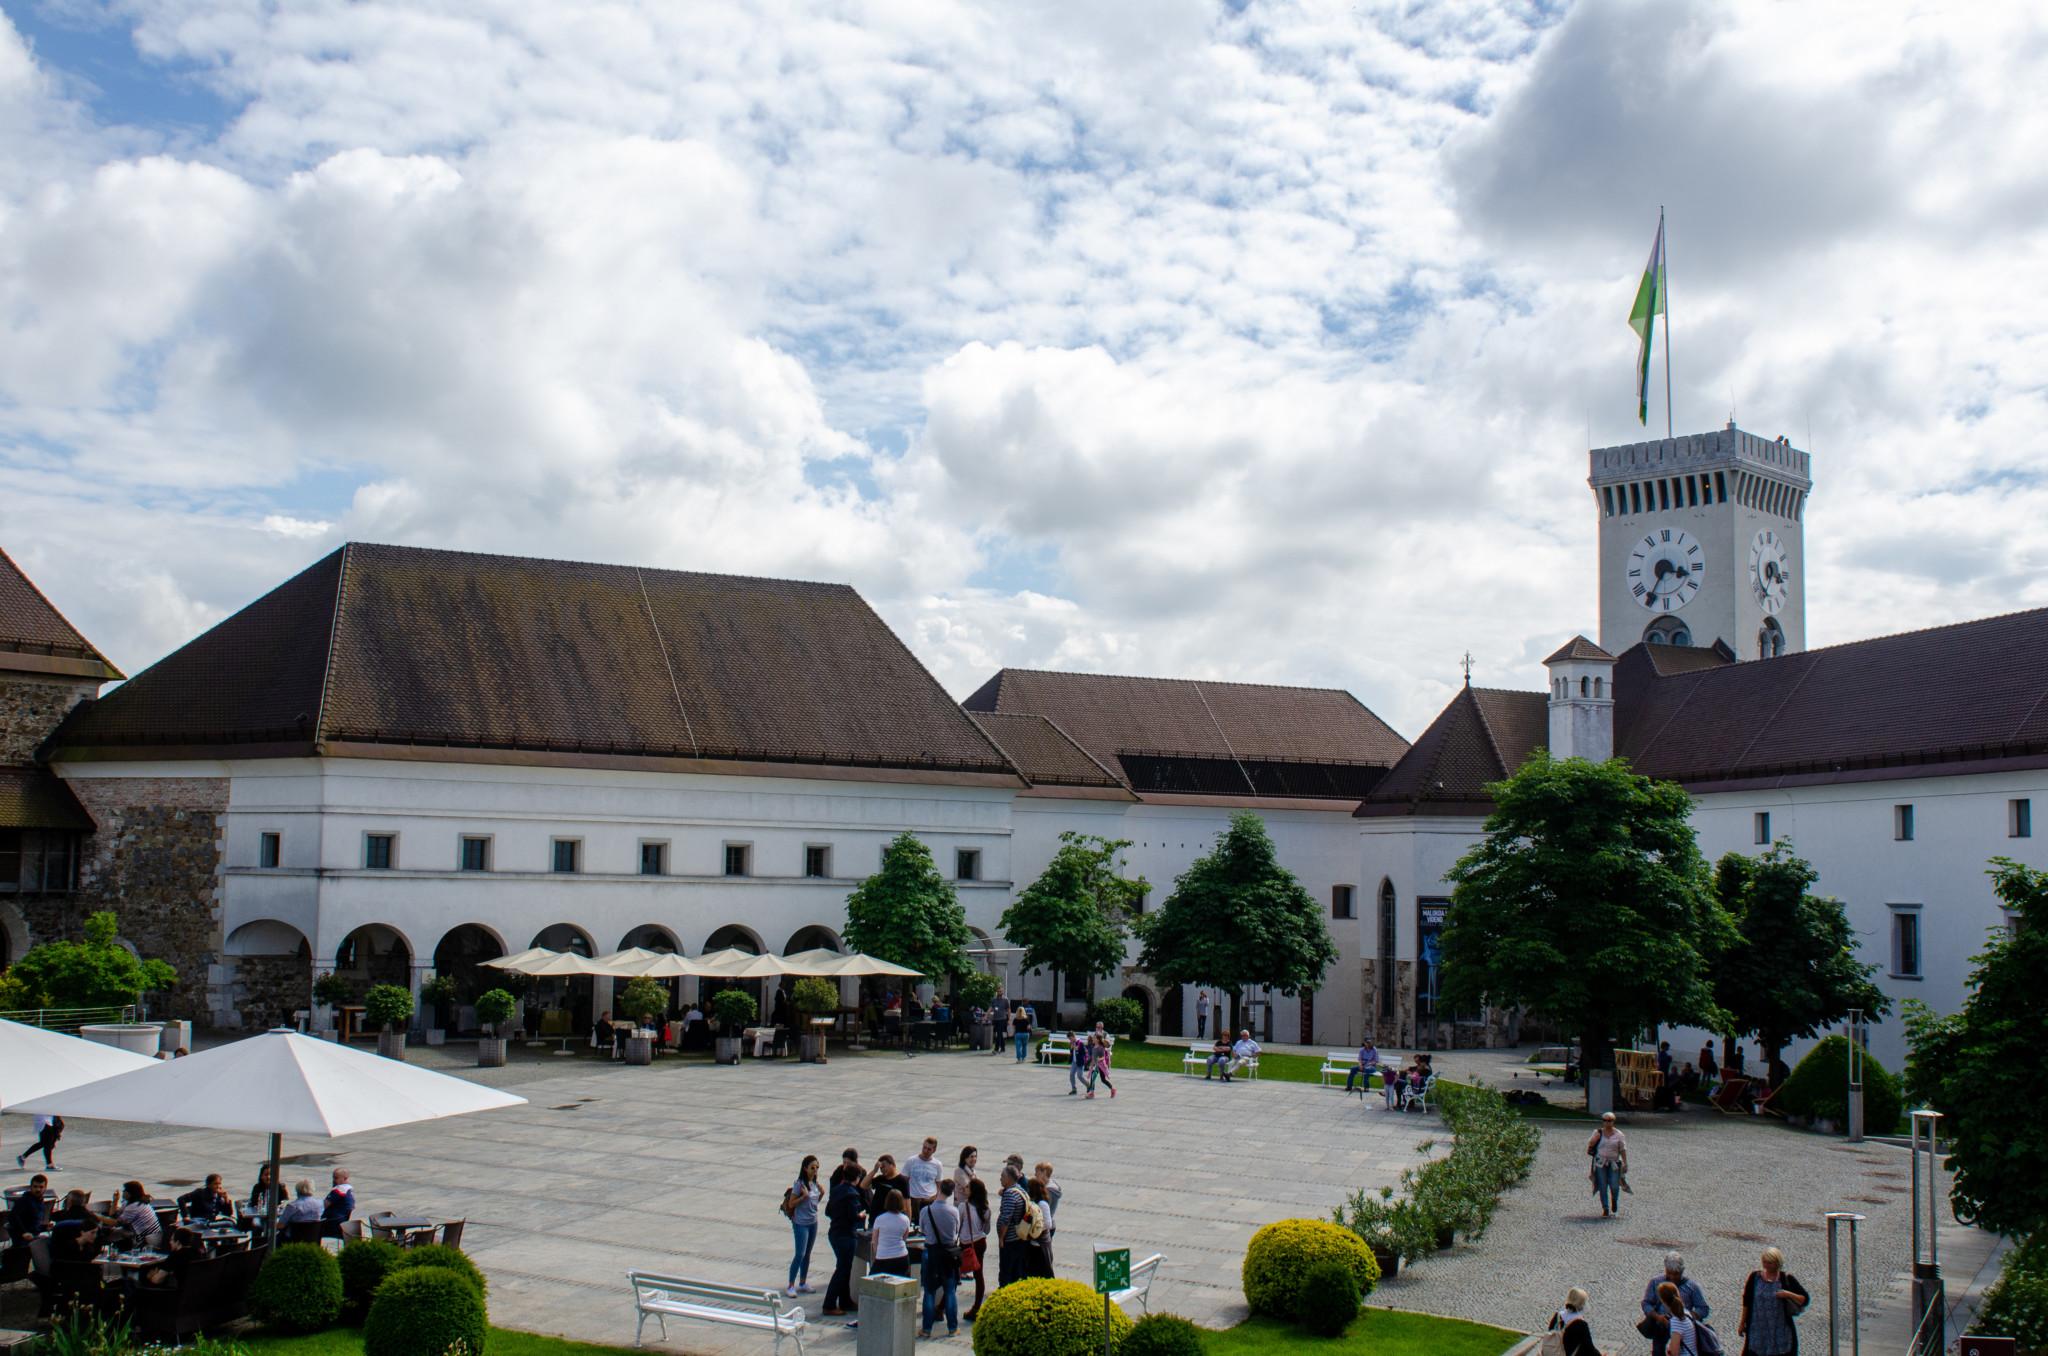 Die Burg von Ljubljana gehört auch zu wichtigen Slowenien Sehenswürdigkeiten